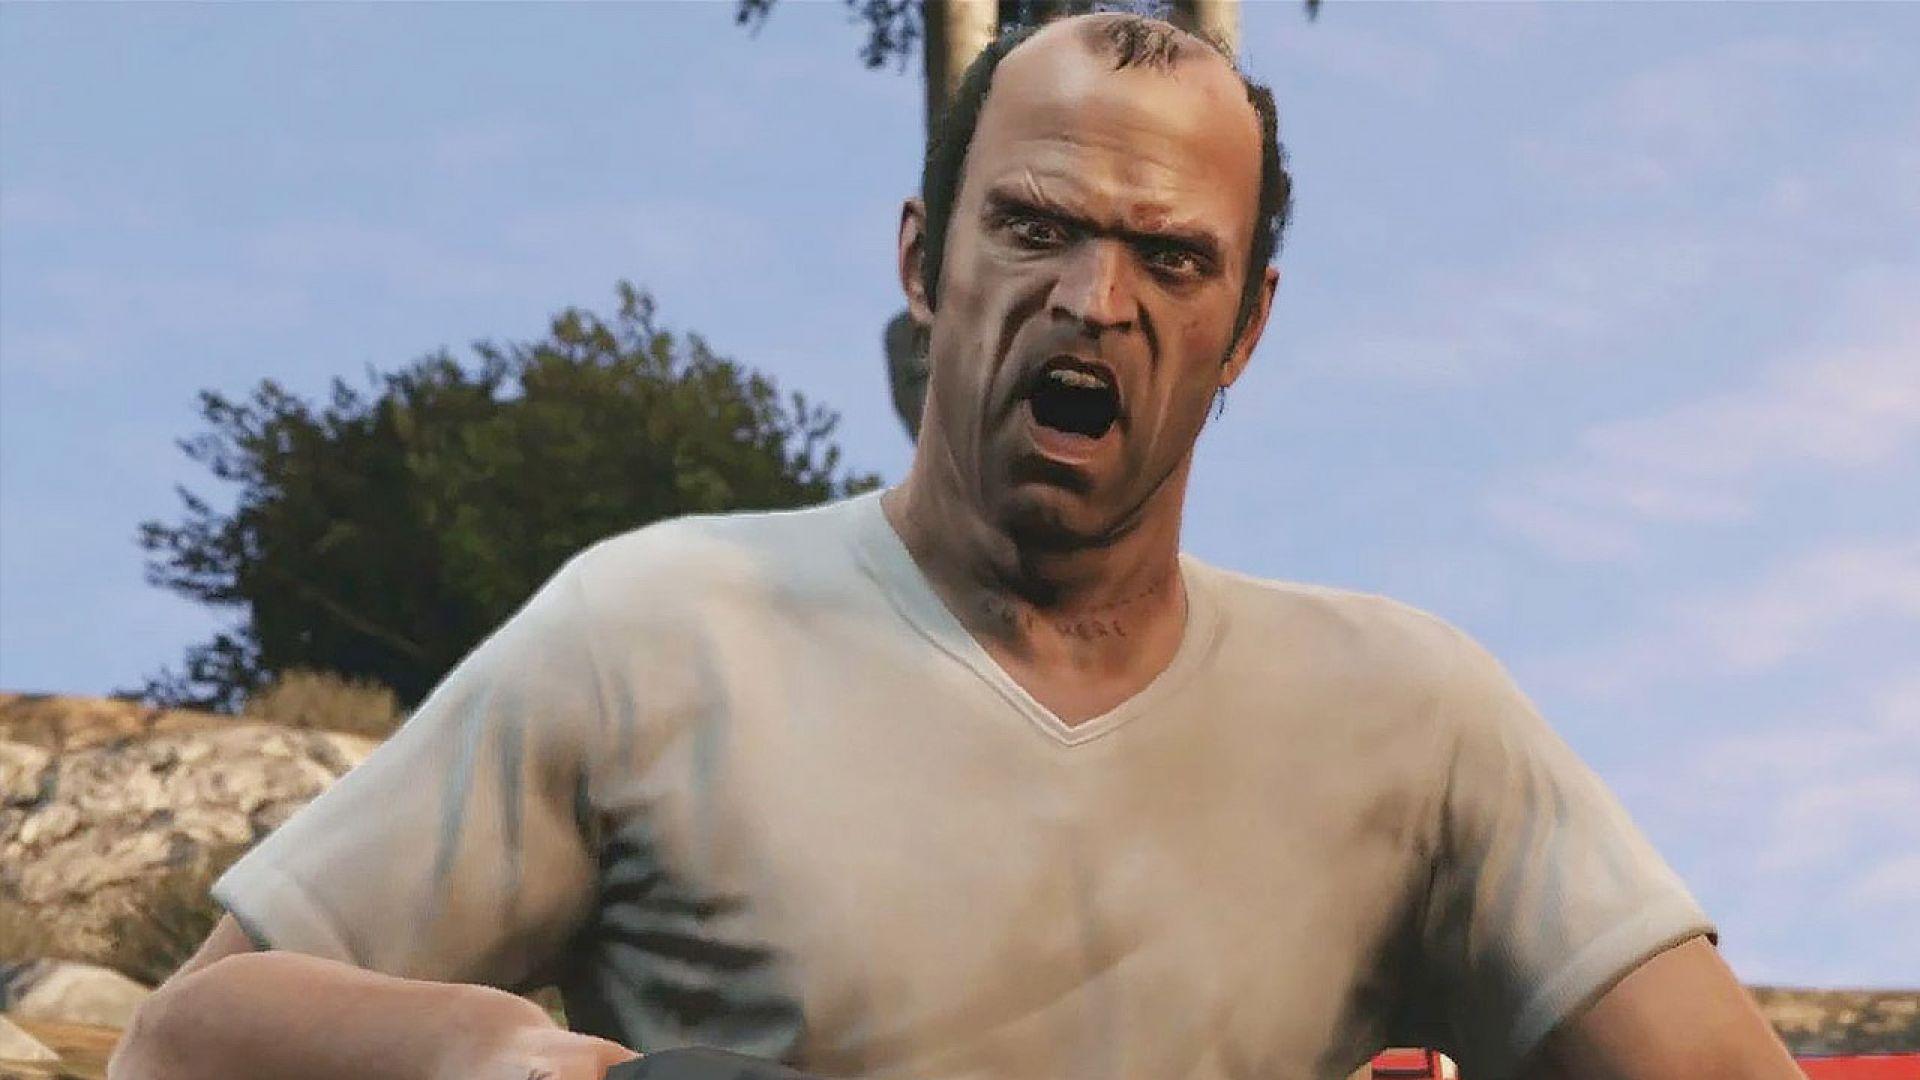 مردم دیگر نمیخواهند از بازی Grand Theft Auto 5 چیزی بشنوند